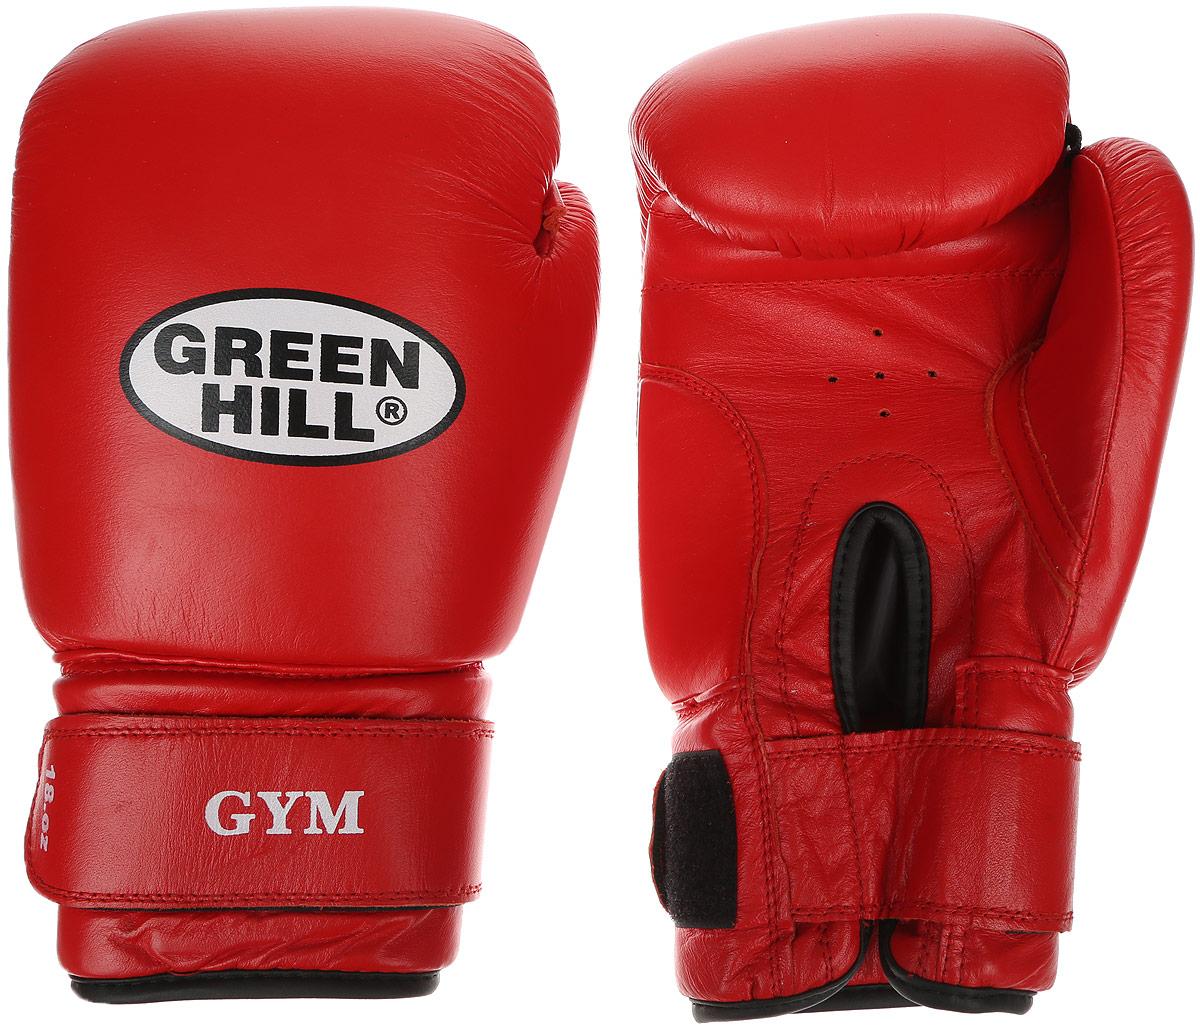 """Перчатки боксерские Green Hill """"Gym"""", цвет: красный, белый. Вес 16 унций BGG-2018"""